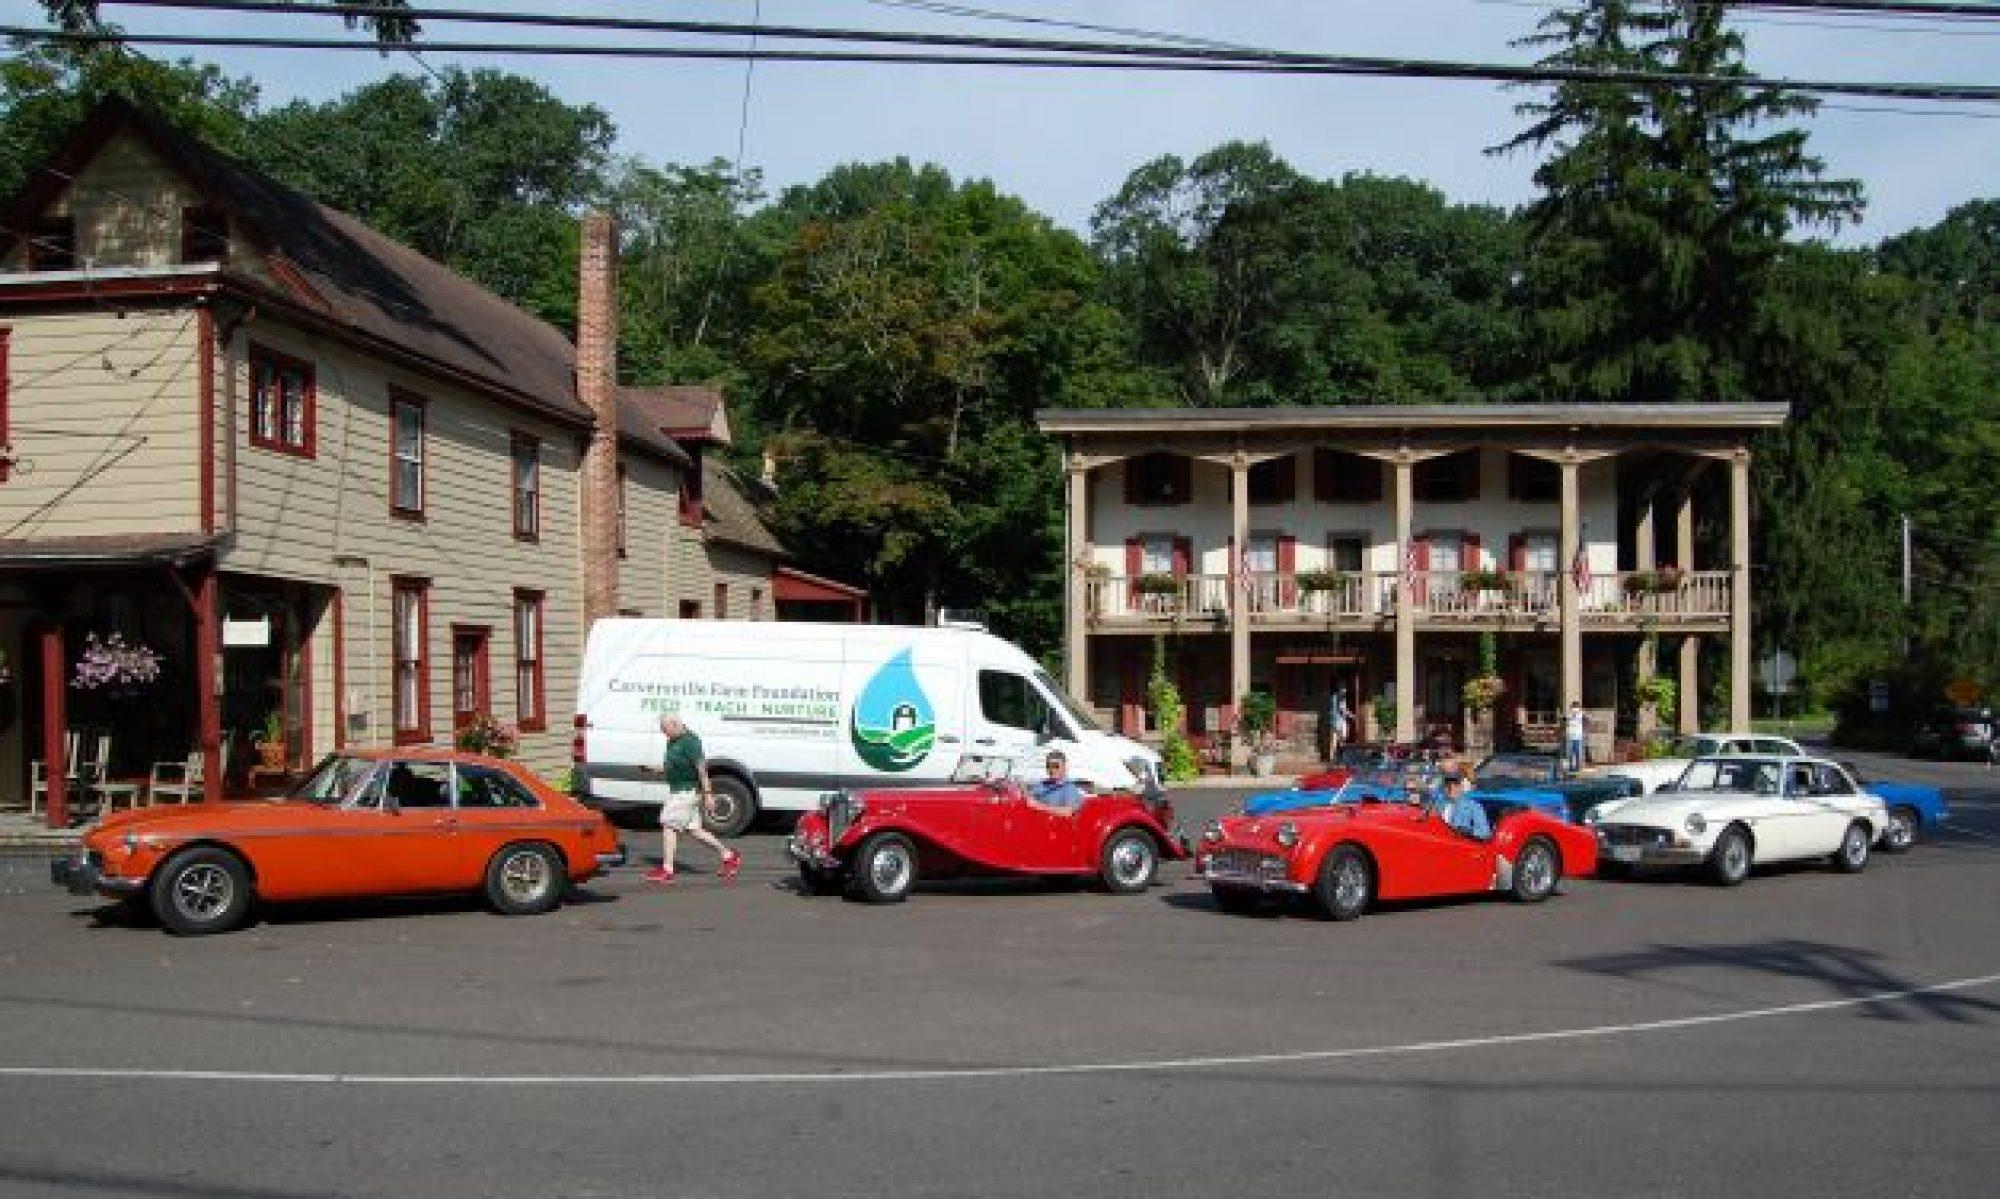 British Cars of Bucks County